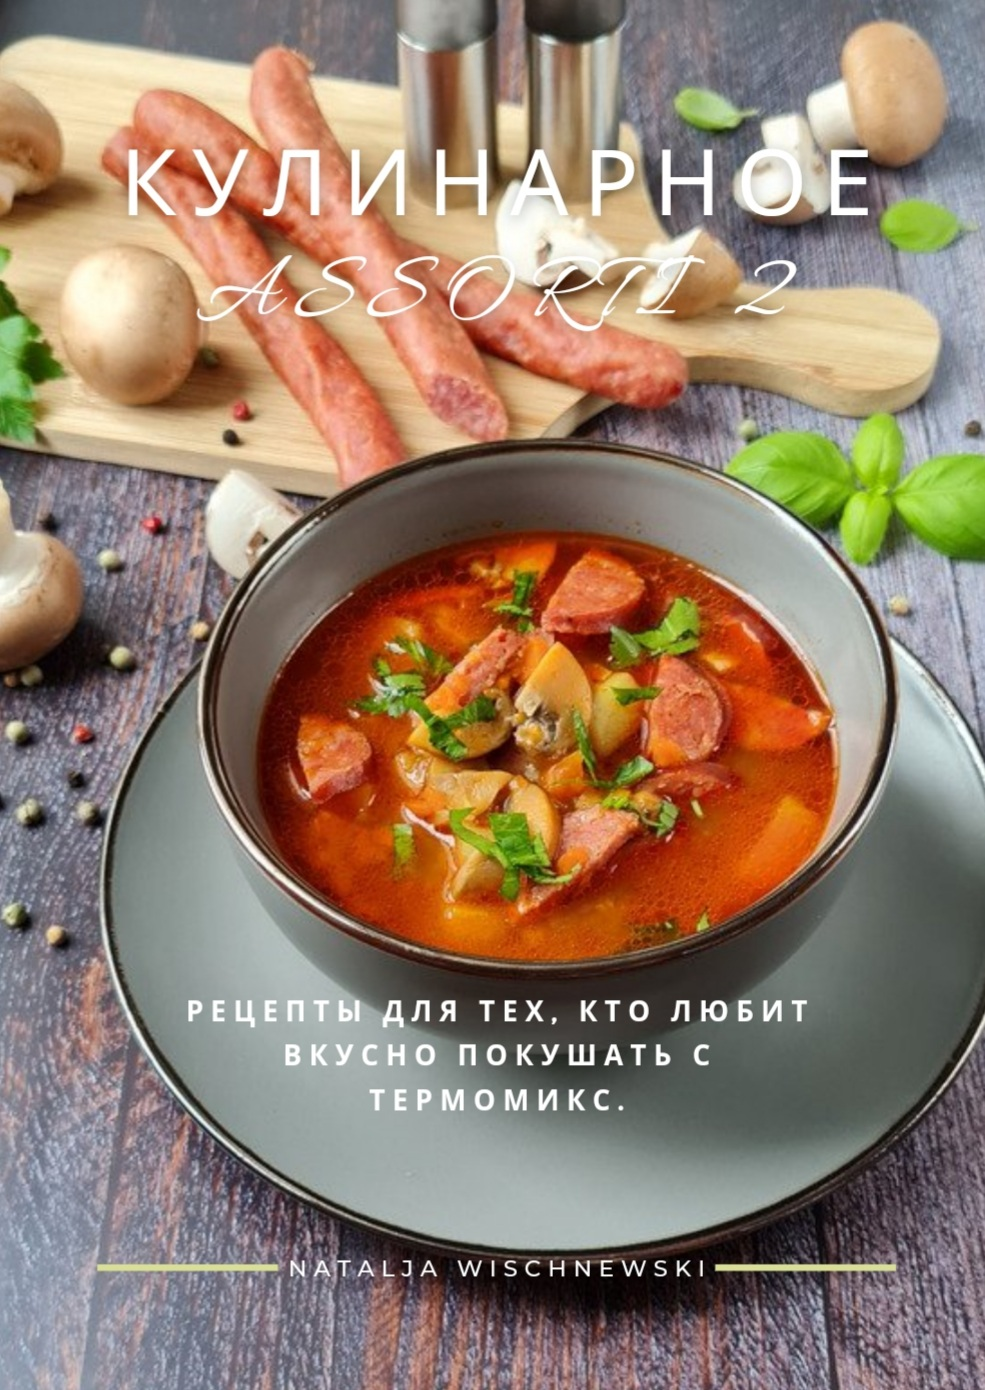 Кулинарное ASSORTI 2: Russische Rezepte mit dem Thermomix® by Natalja Wischnewski Band 2